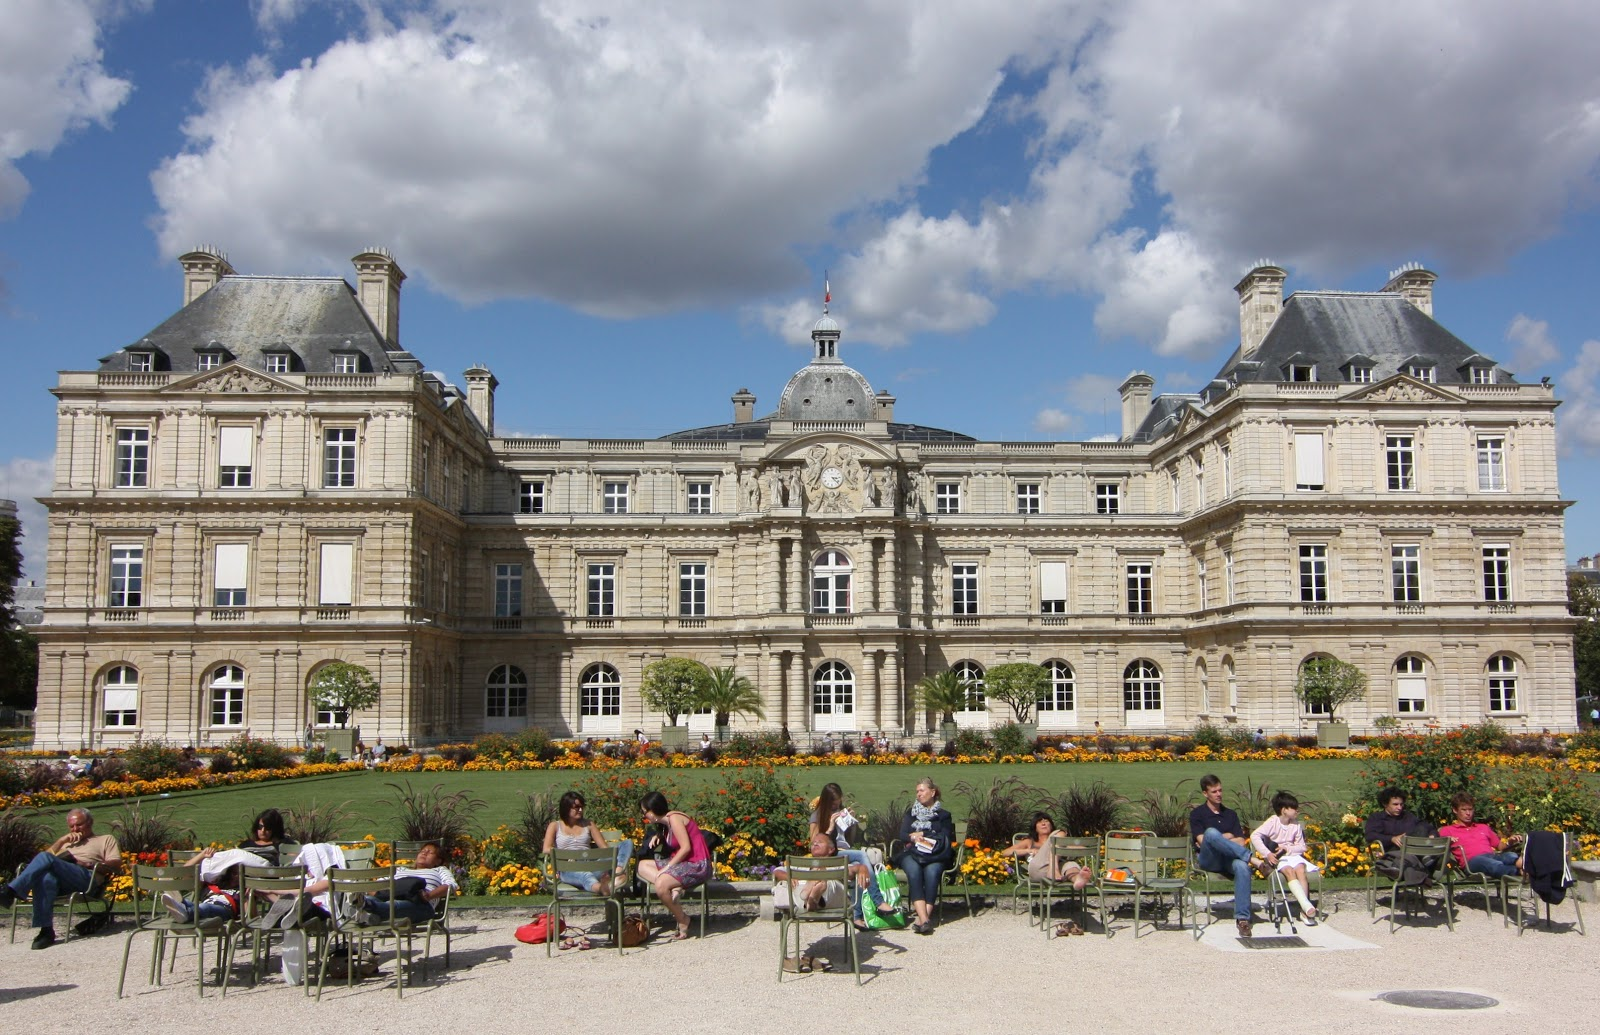 Blog De Viajes Viajar Y Aprender Paseos A Pie Por Paris